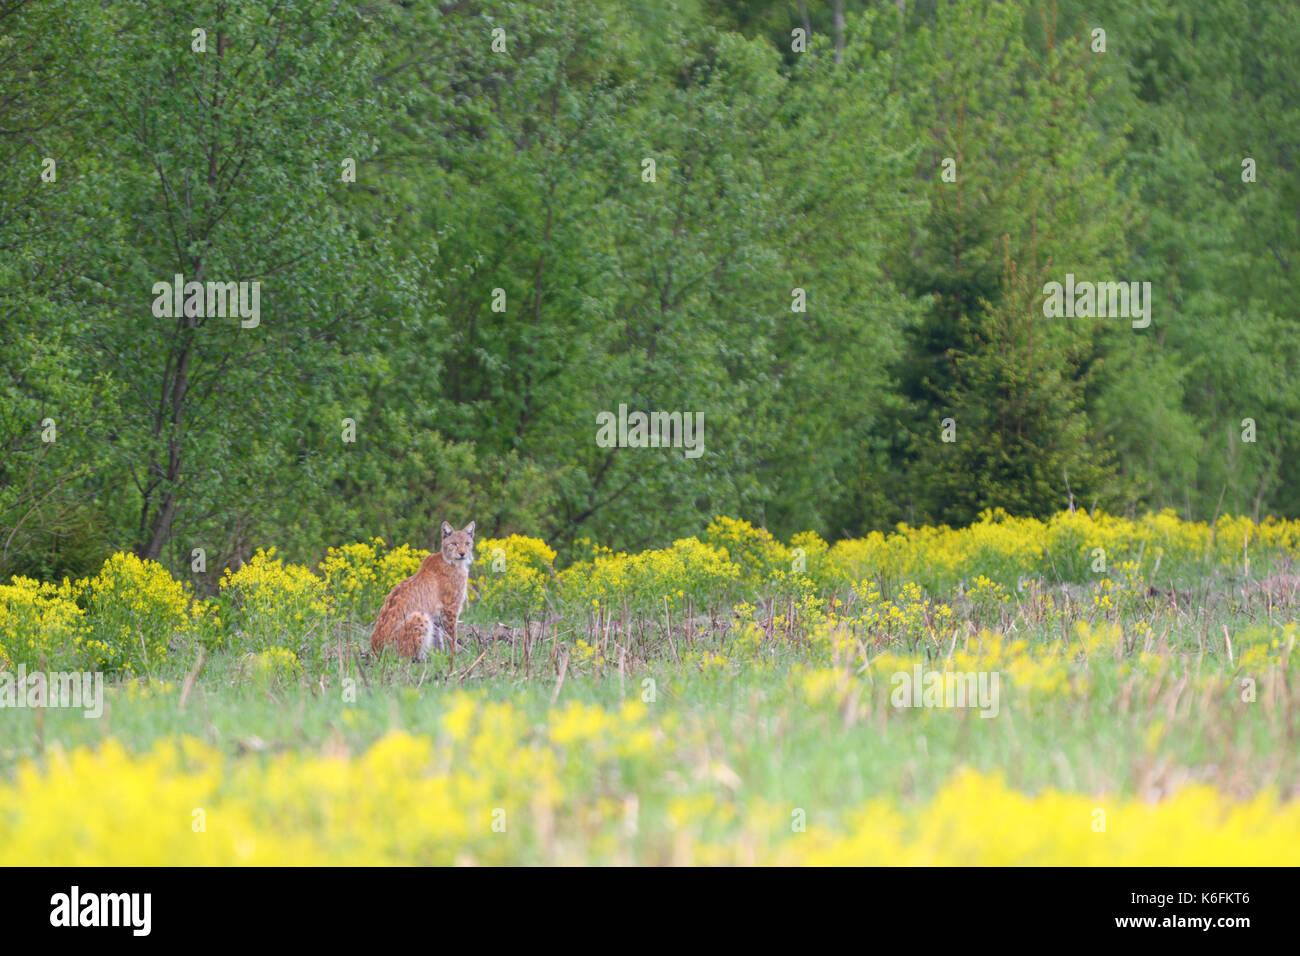 Wild and free European lynx (Lynx lynx) in Estonia, Europe Stock Photo